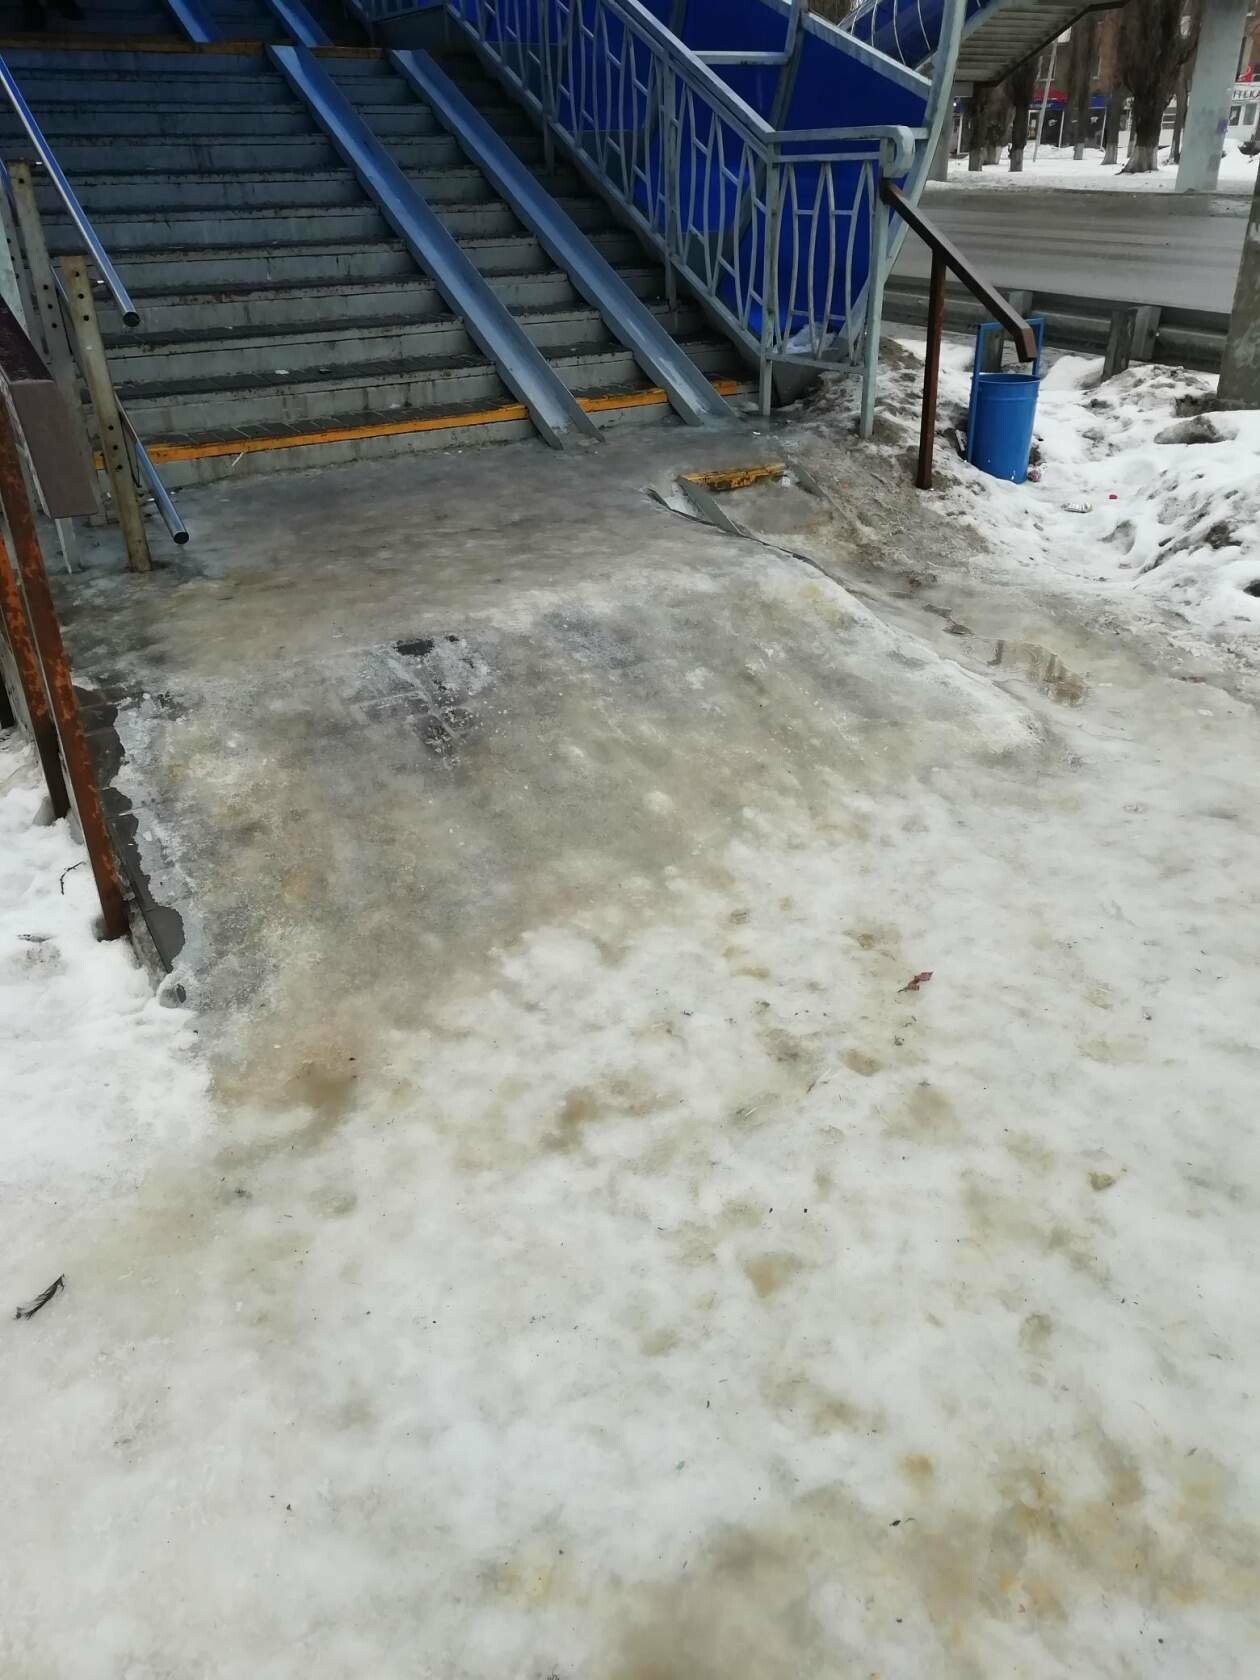 Коляски не проедут, пенсионеры не дойдут: в Новошахтинске забыли очистить пешеходный переход, фото-1